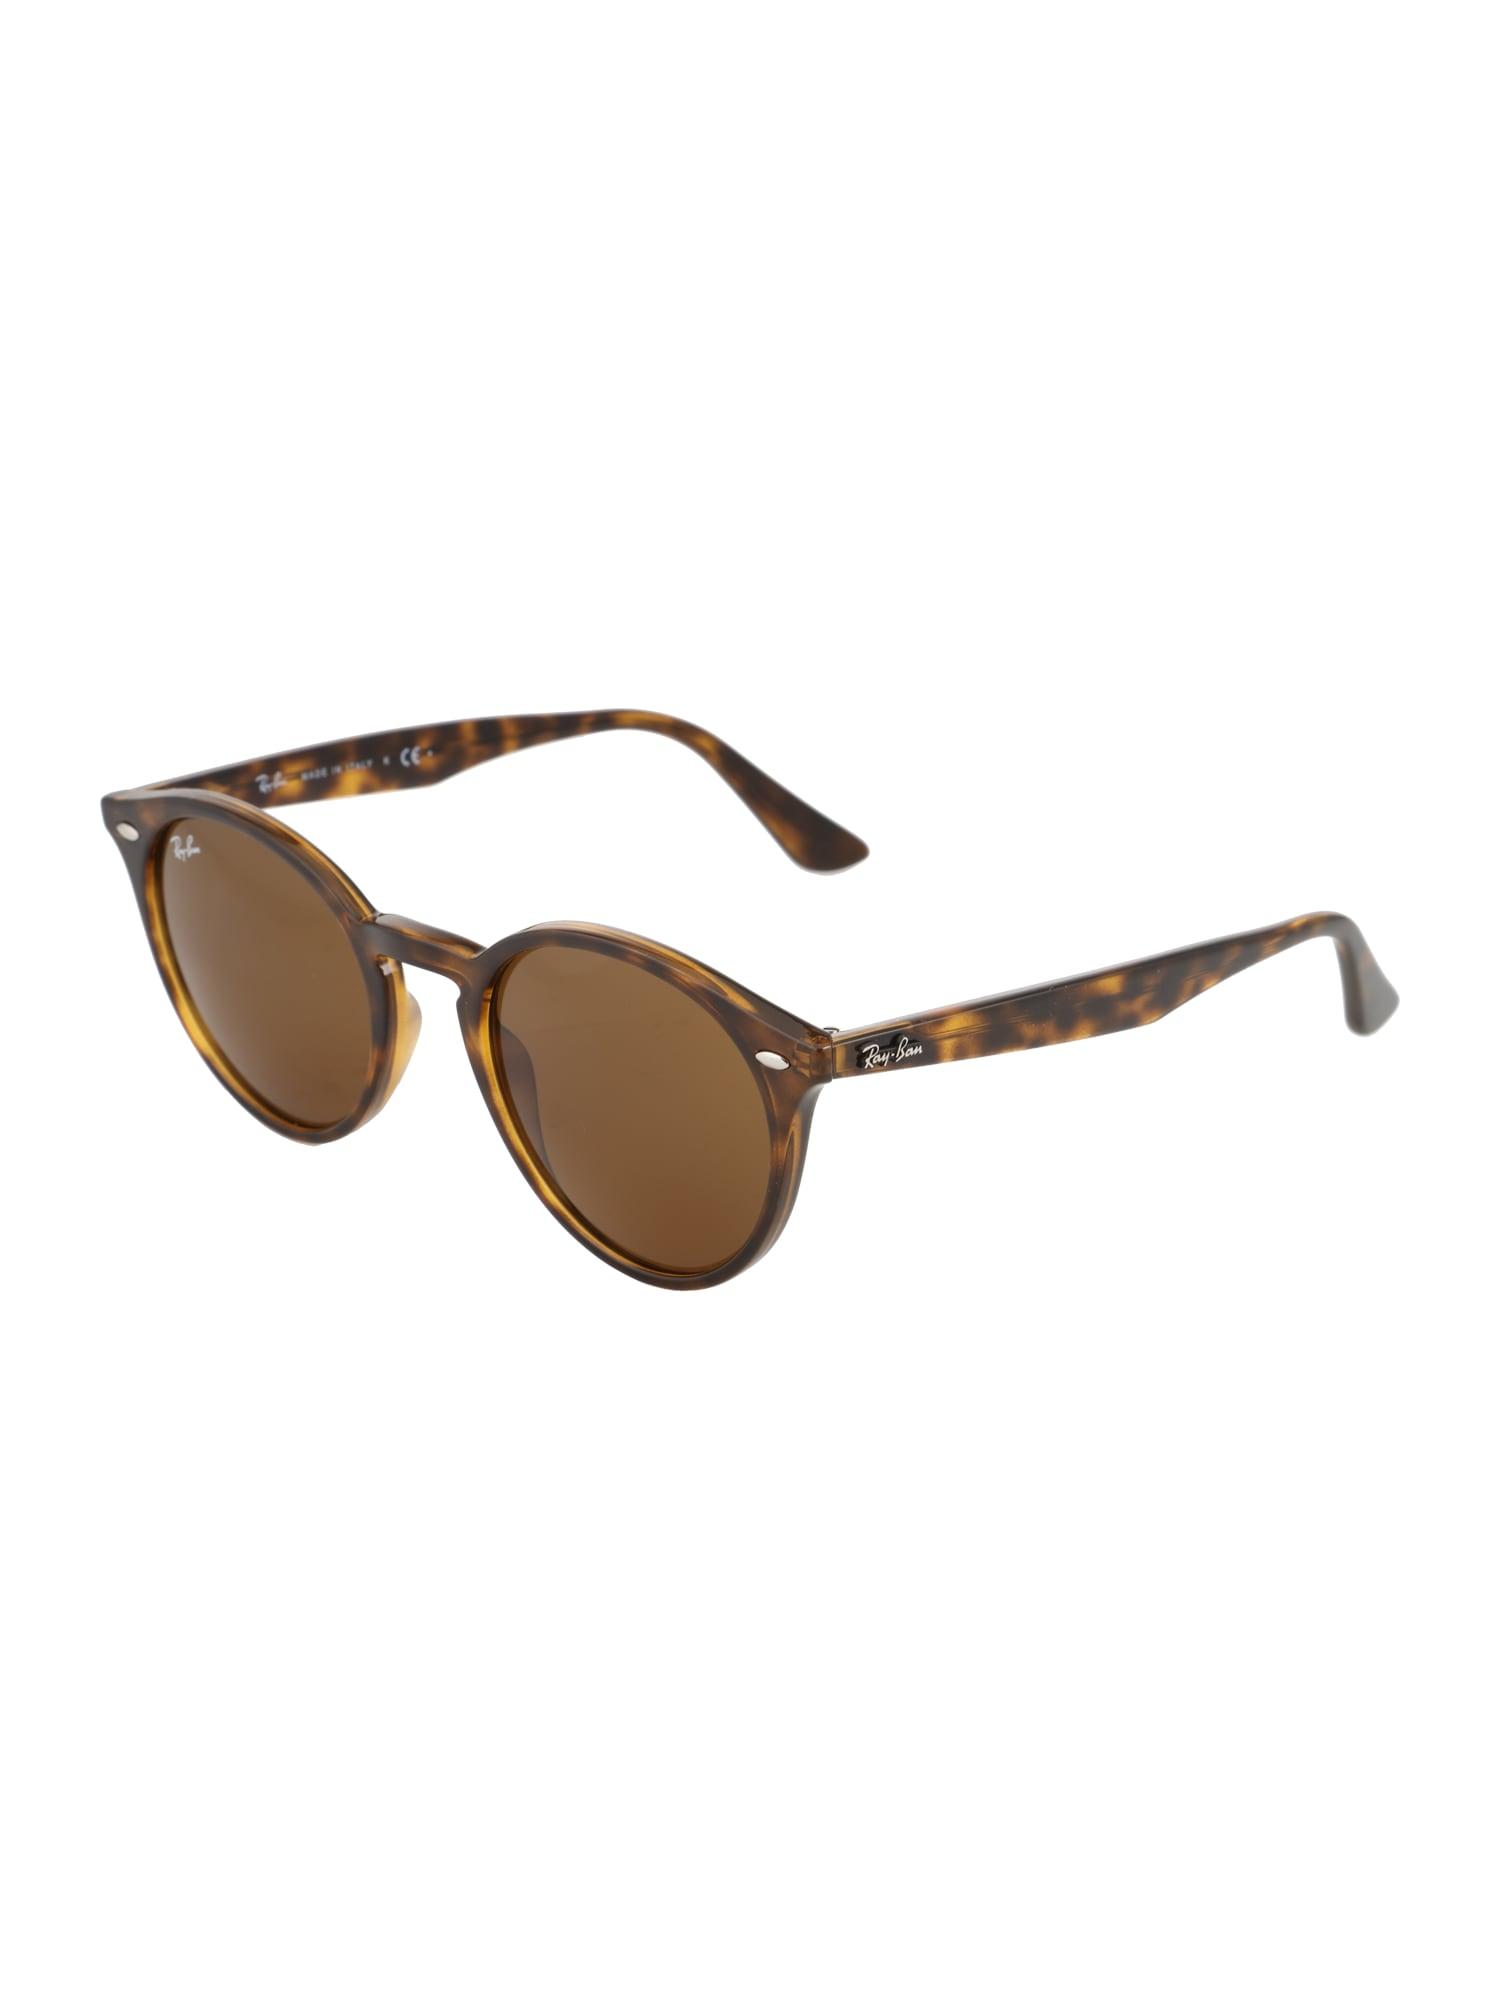 Sluneční brýle Rb2180 tmavě hnědá Ray-Ban